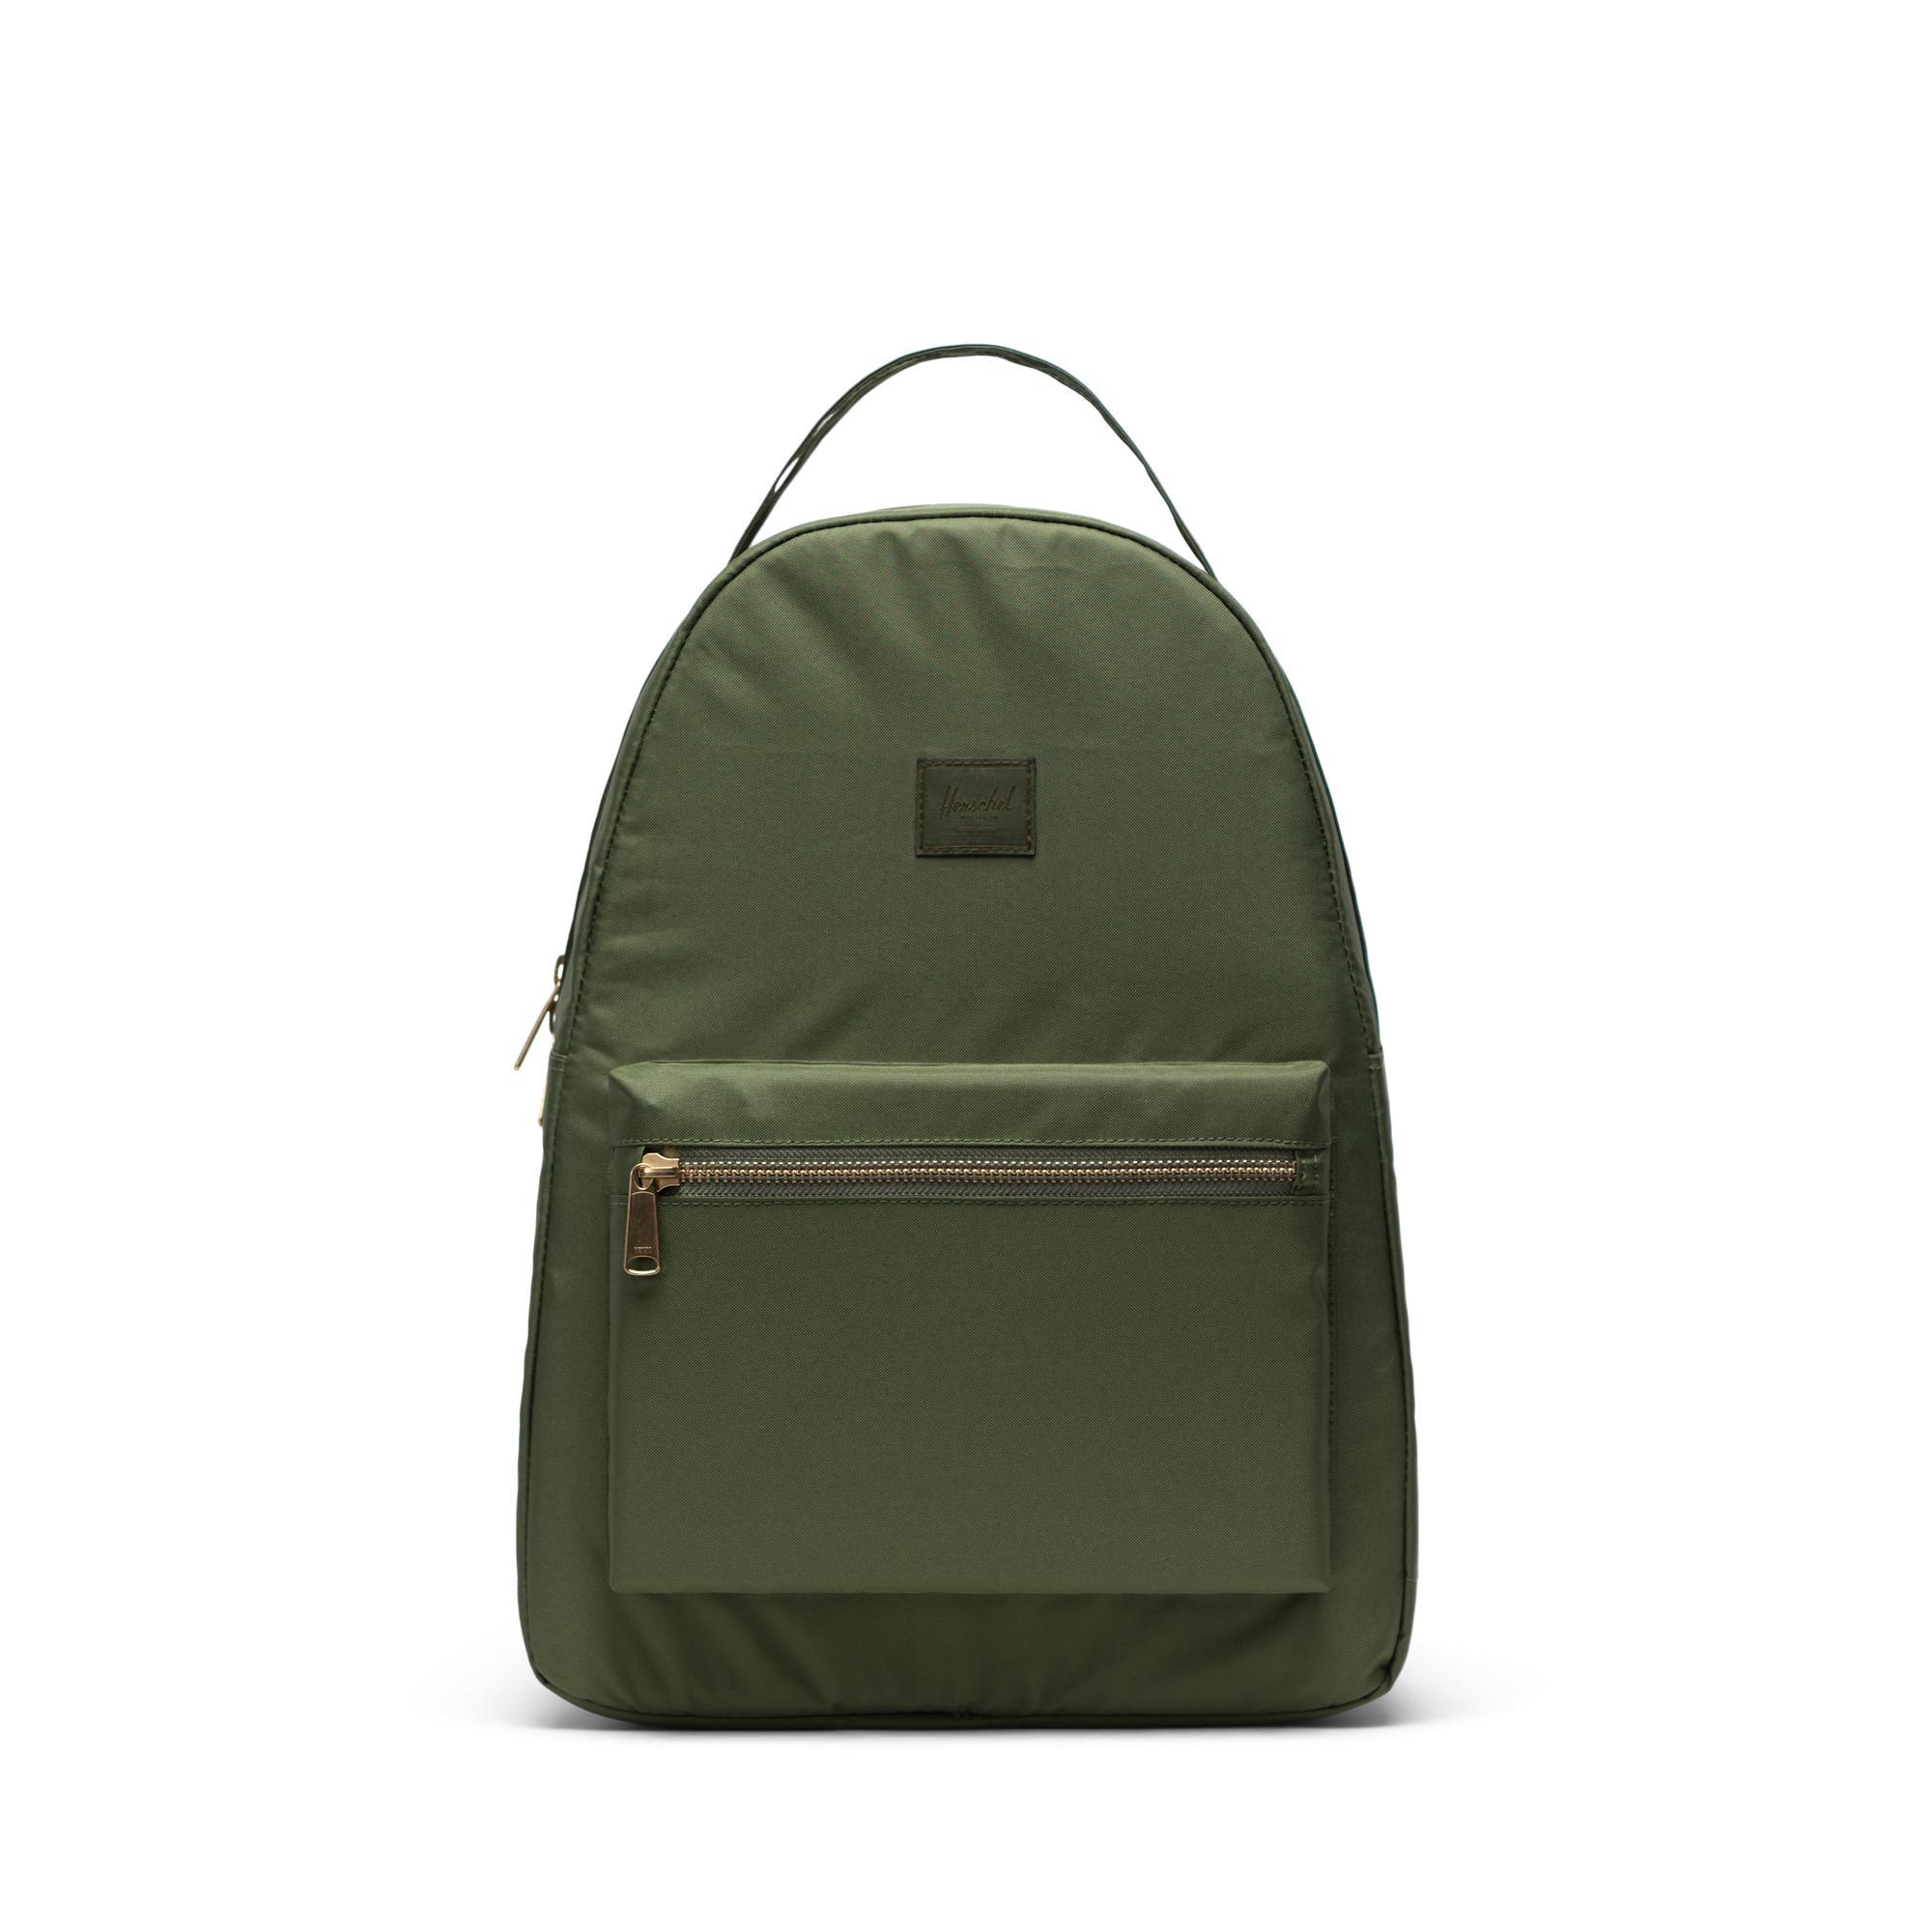 8b831cd2267 Nova Backpack Mid-Volume Light